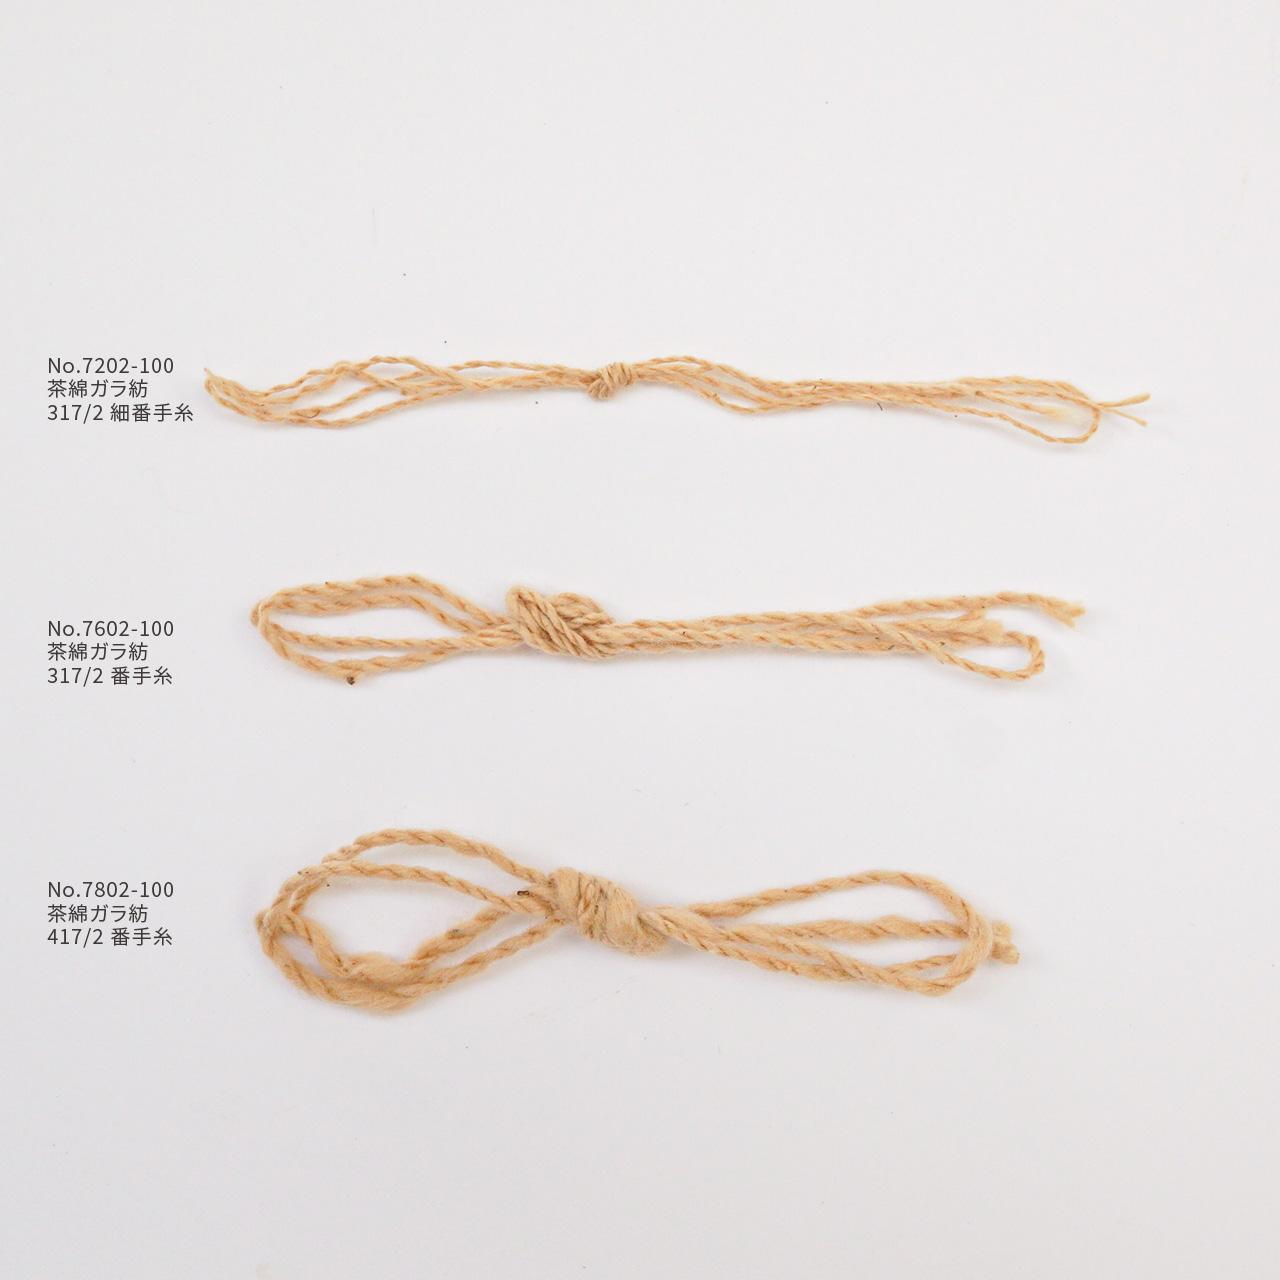 ガラ紡糸|417/2番手糸 茶綿 100g